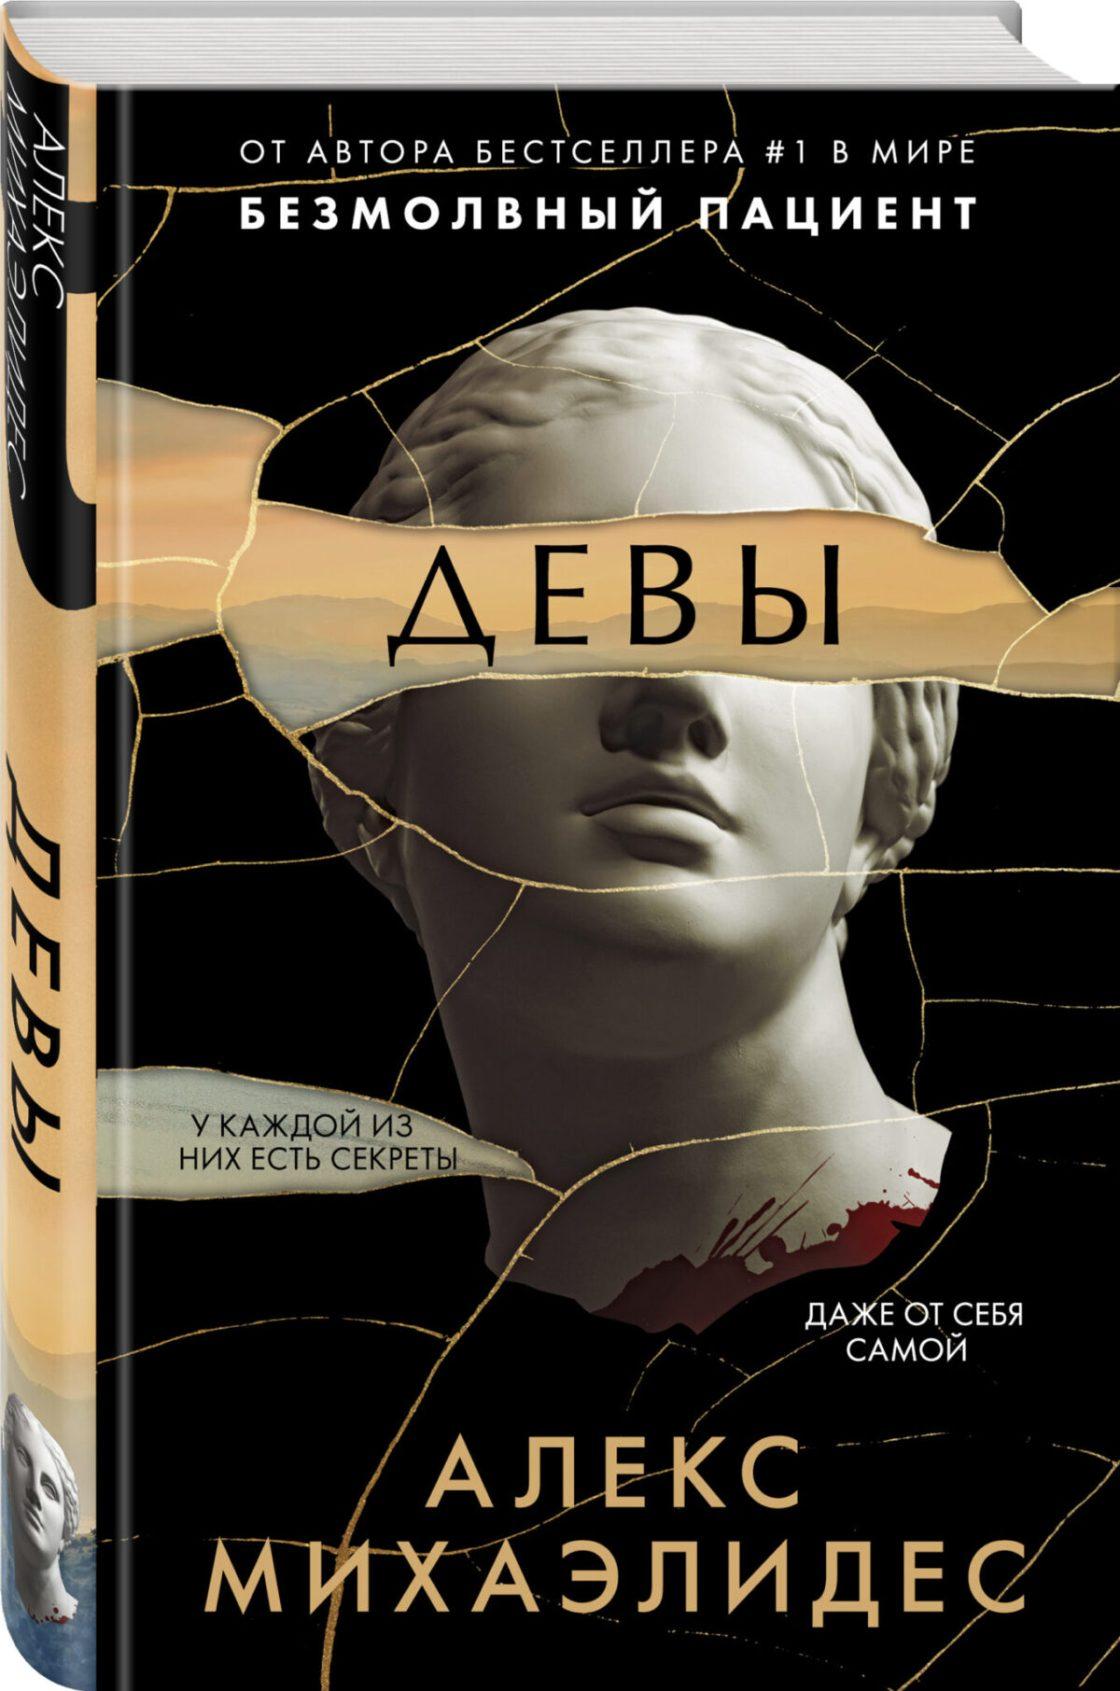 Выходит новый роман «Девы» от Алекса Михаэлидеса